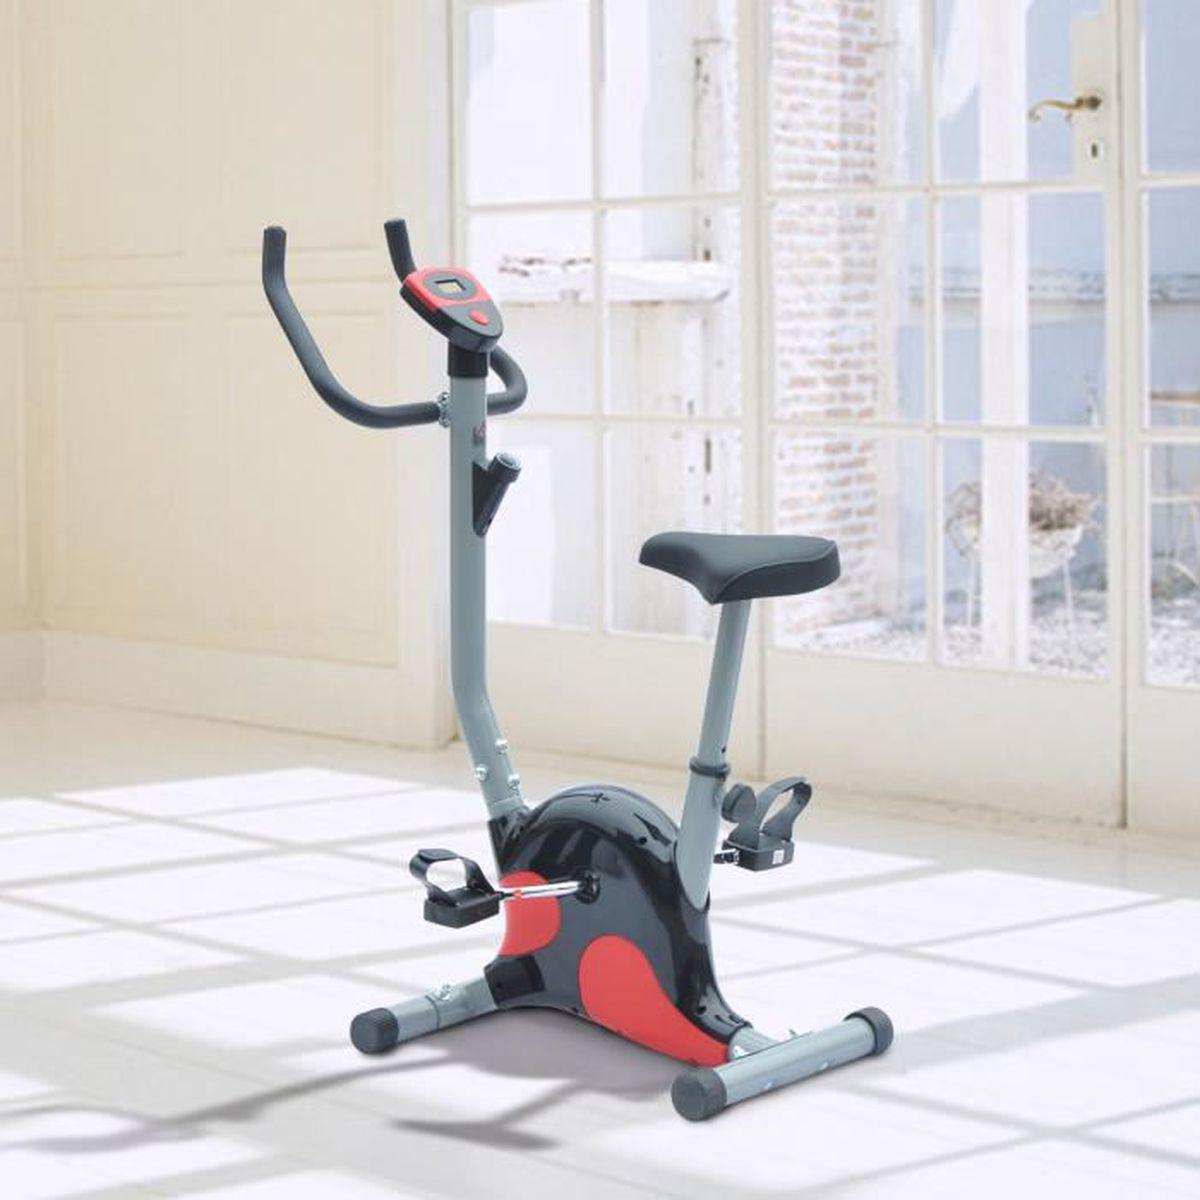 v lo d appartement exercice fitnesse cardio avec compteur lcd selle hauteur r glable acier. Black Bedroom Furniture Sets. Home Design Ideas